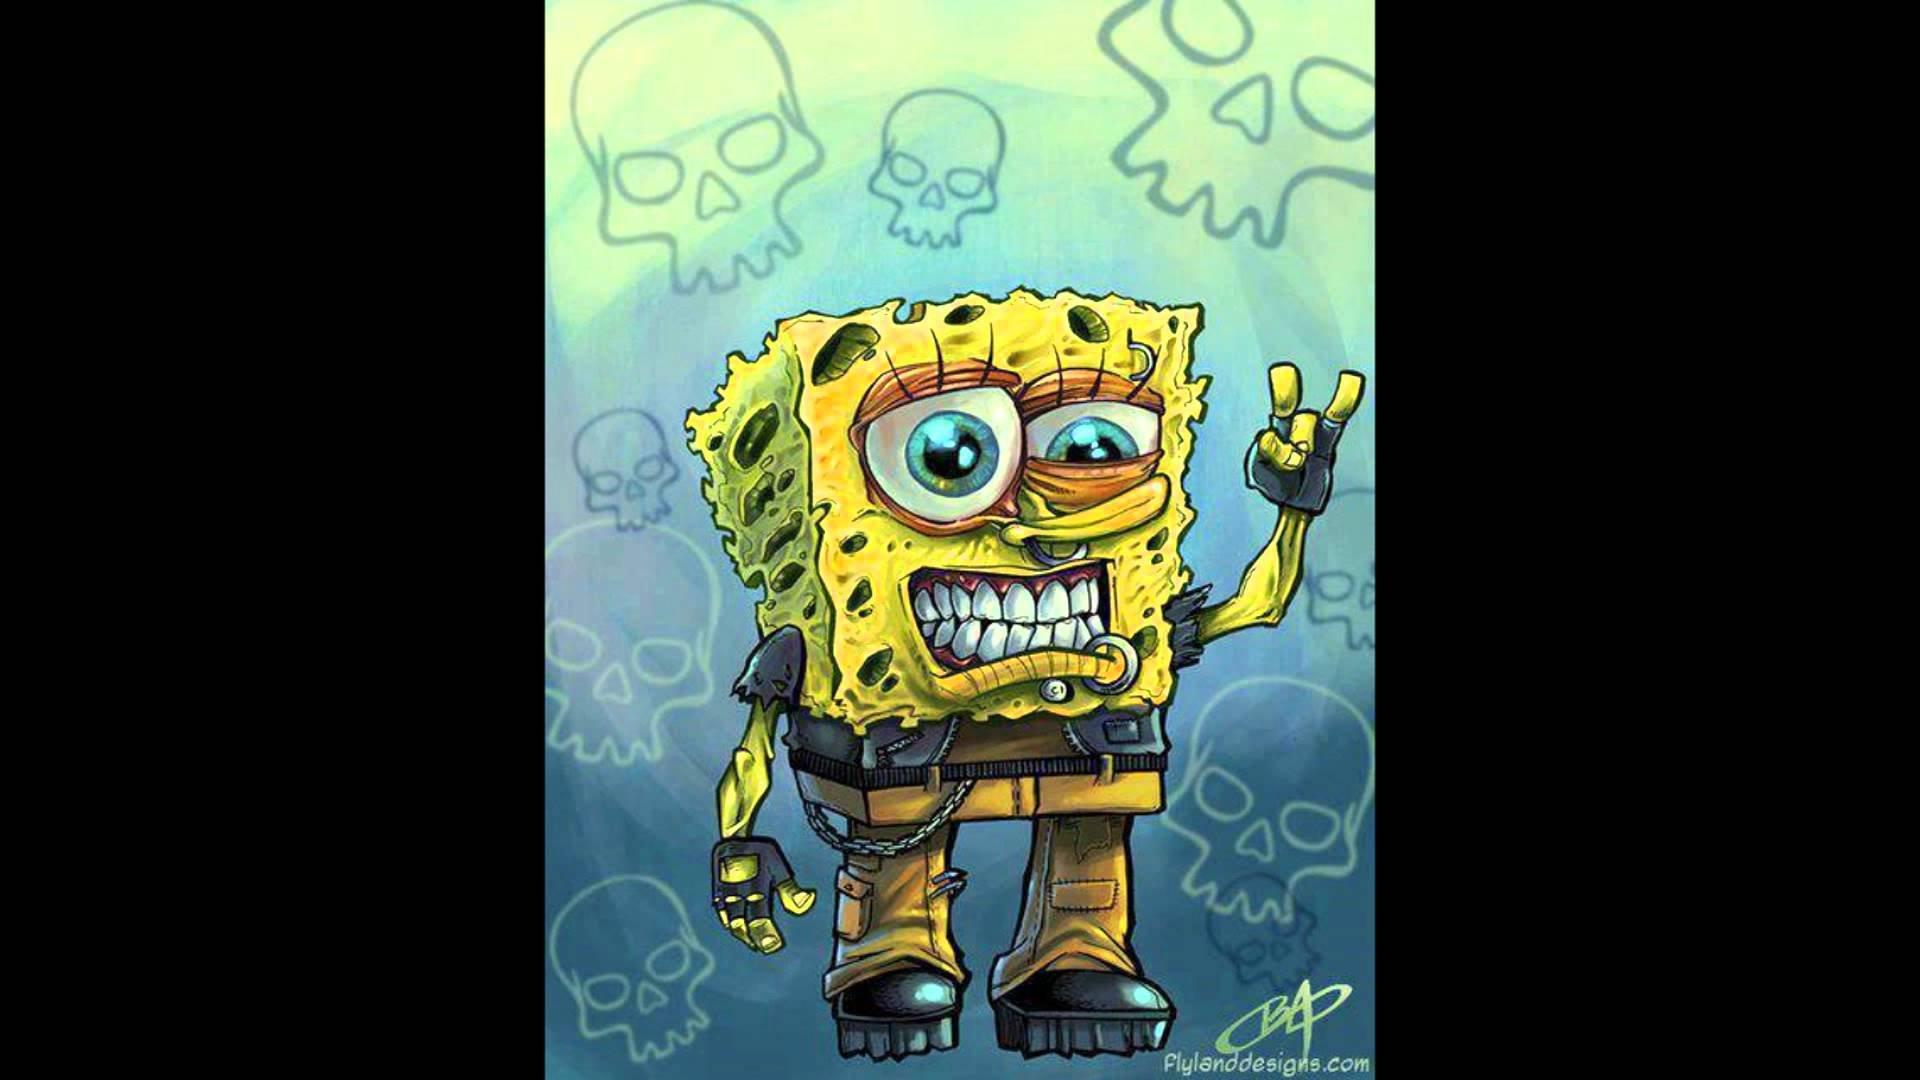 Gambar Spongebob Zombie Keren 2330565 Hd Wallpaper Backgrounds Download